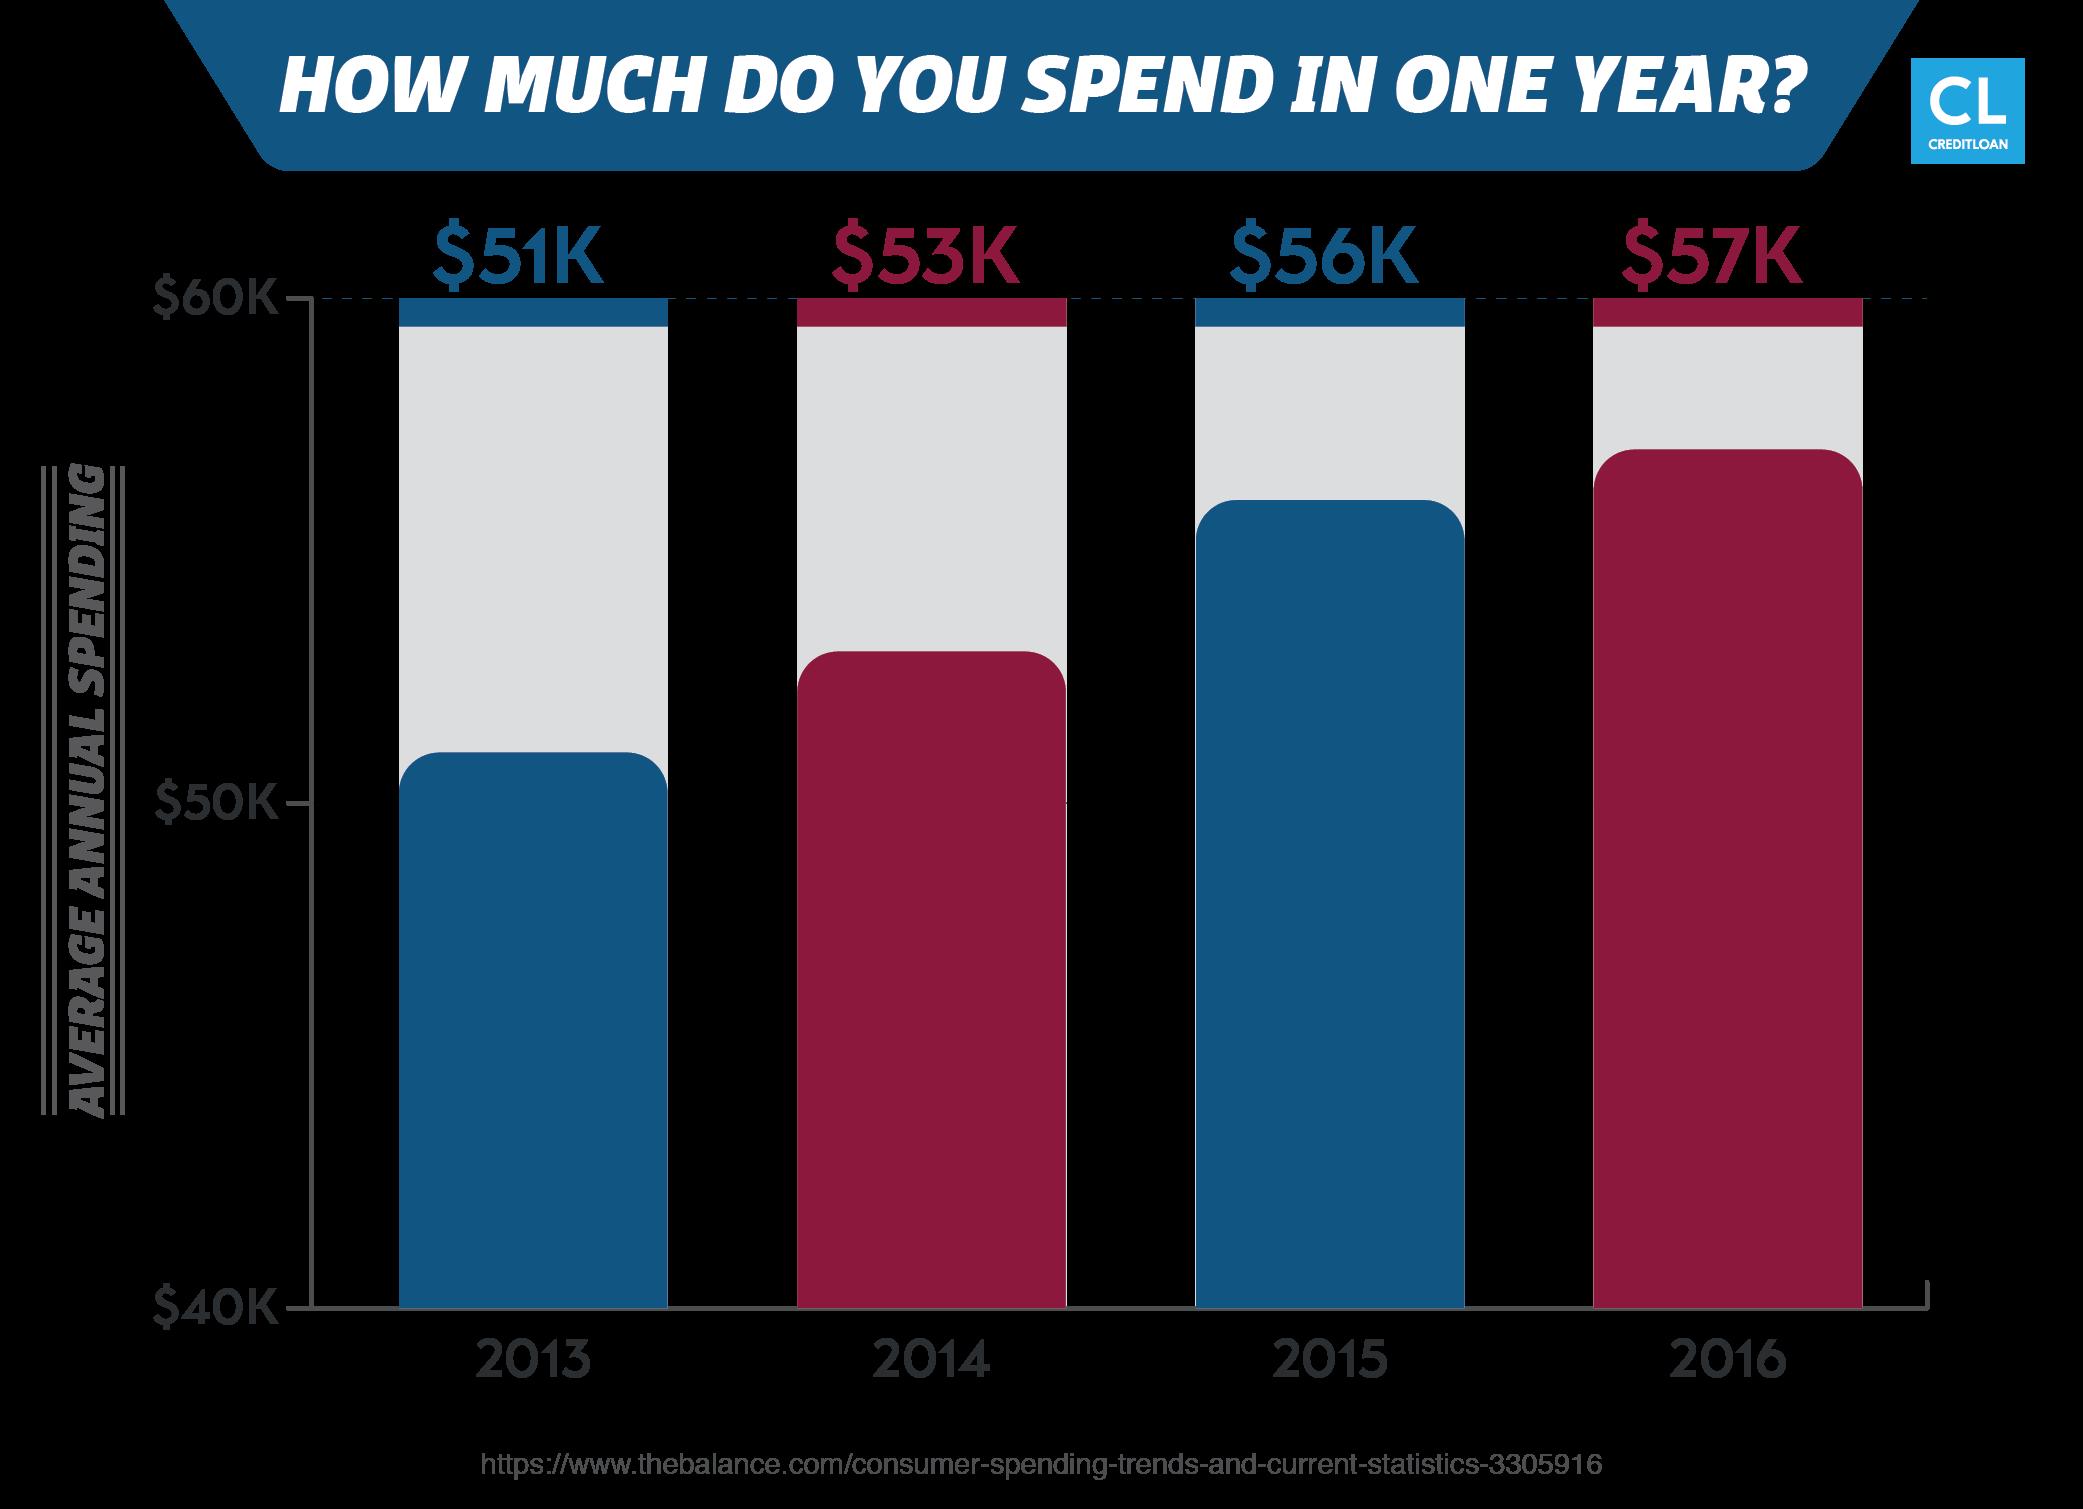 Average Annual Spending Per Person 2013-2016